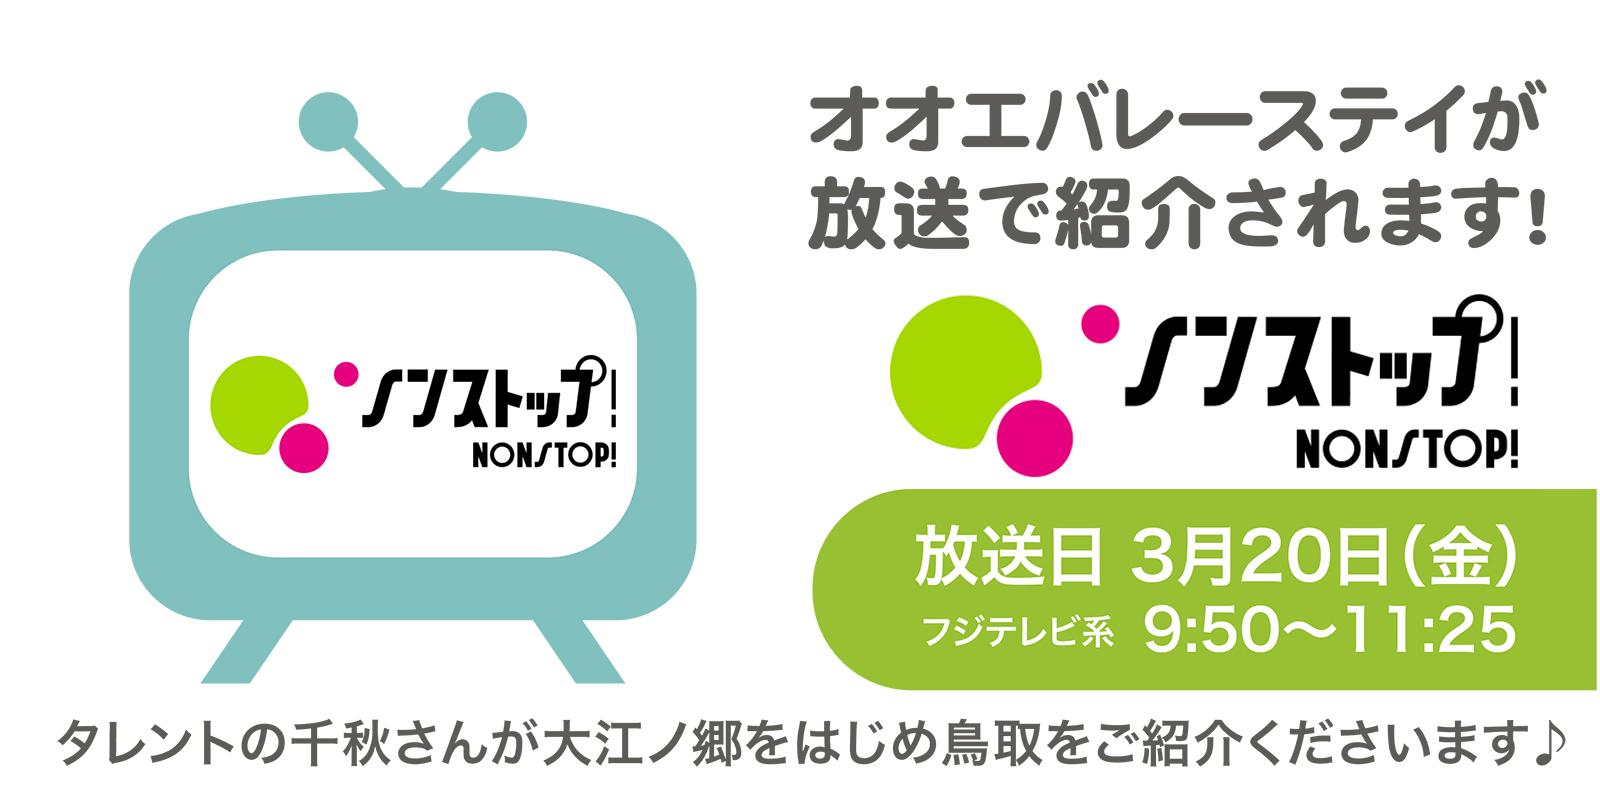 3月20日(金)9:50放送ノンストップでご紹介いただきます!